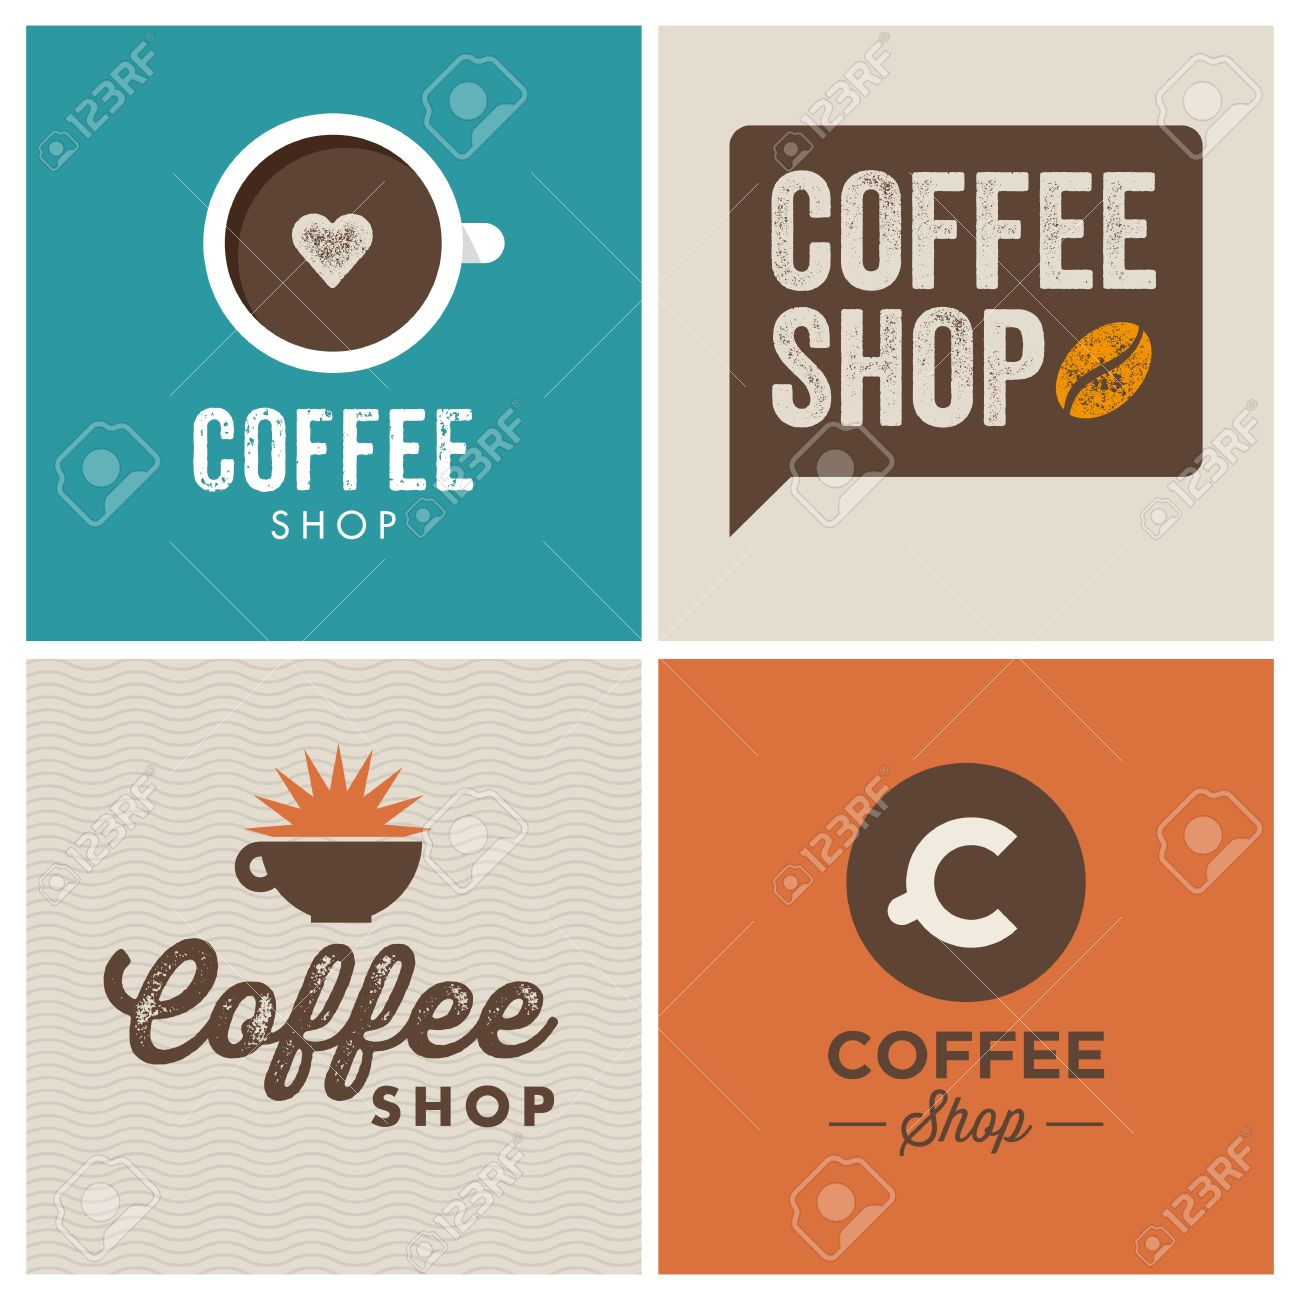 Vintage Coffee Shop Logo Coffee Shop Design Logo